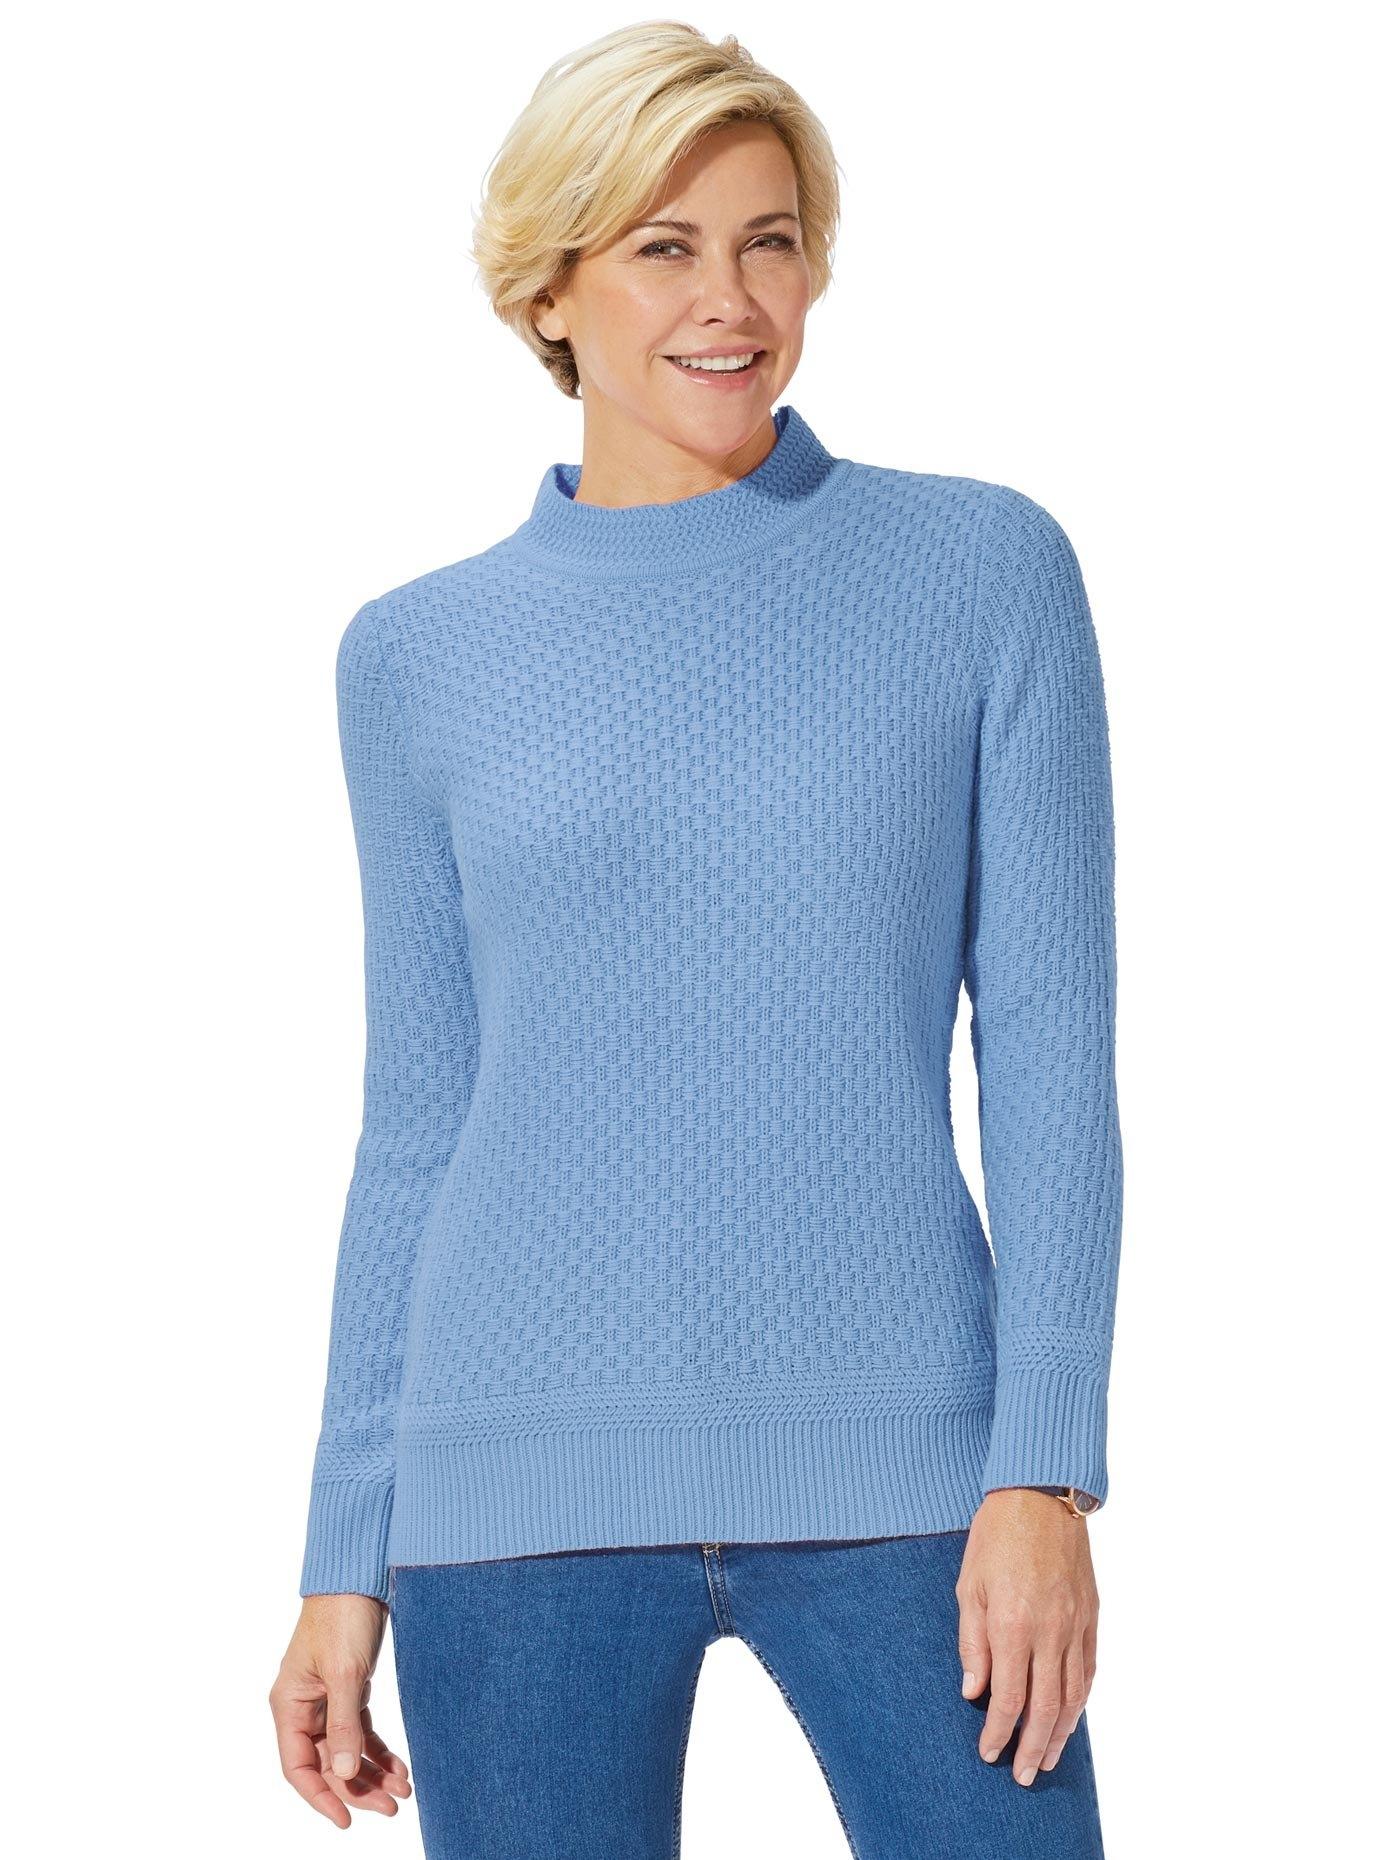 Classic Basics trui met staande kraag Trui voordelig en veilig online kopen